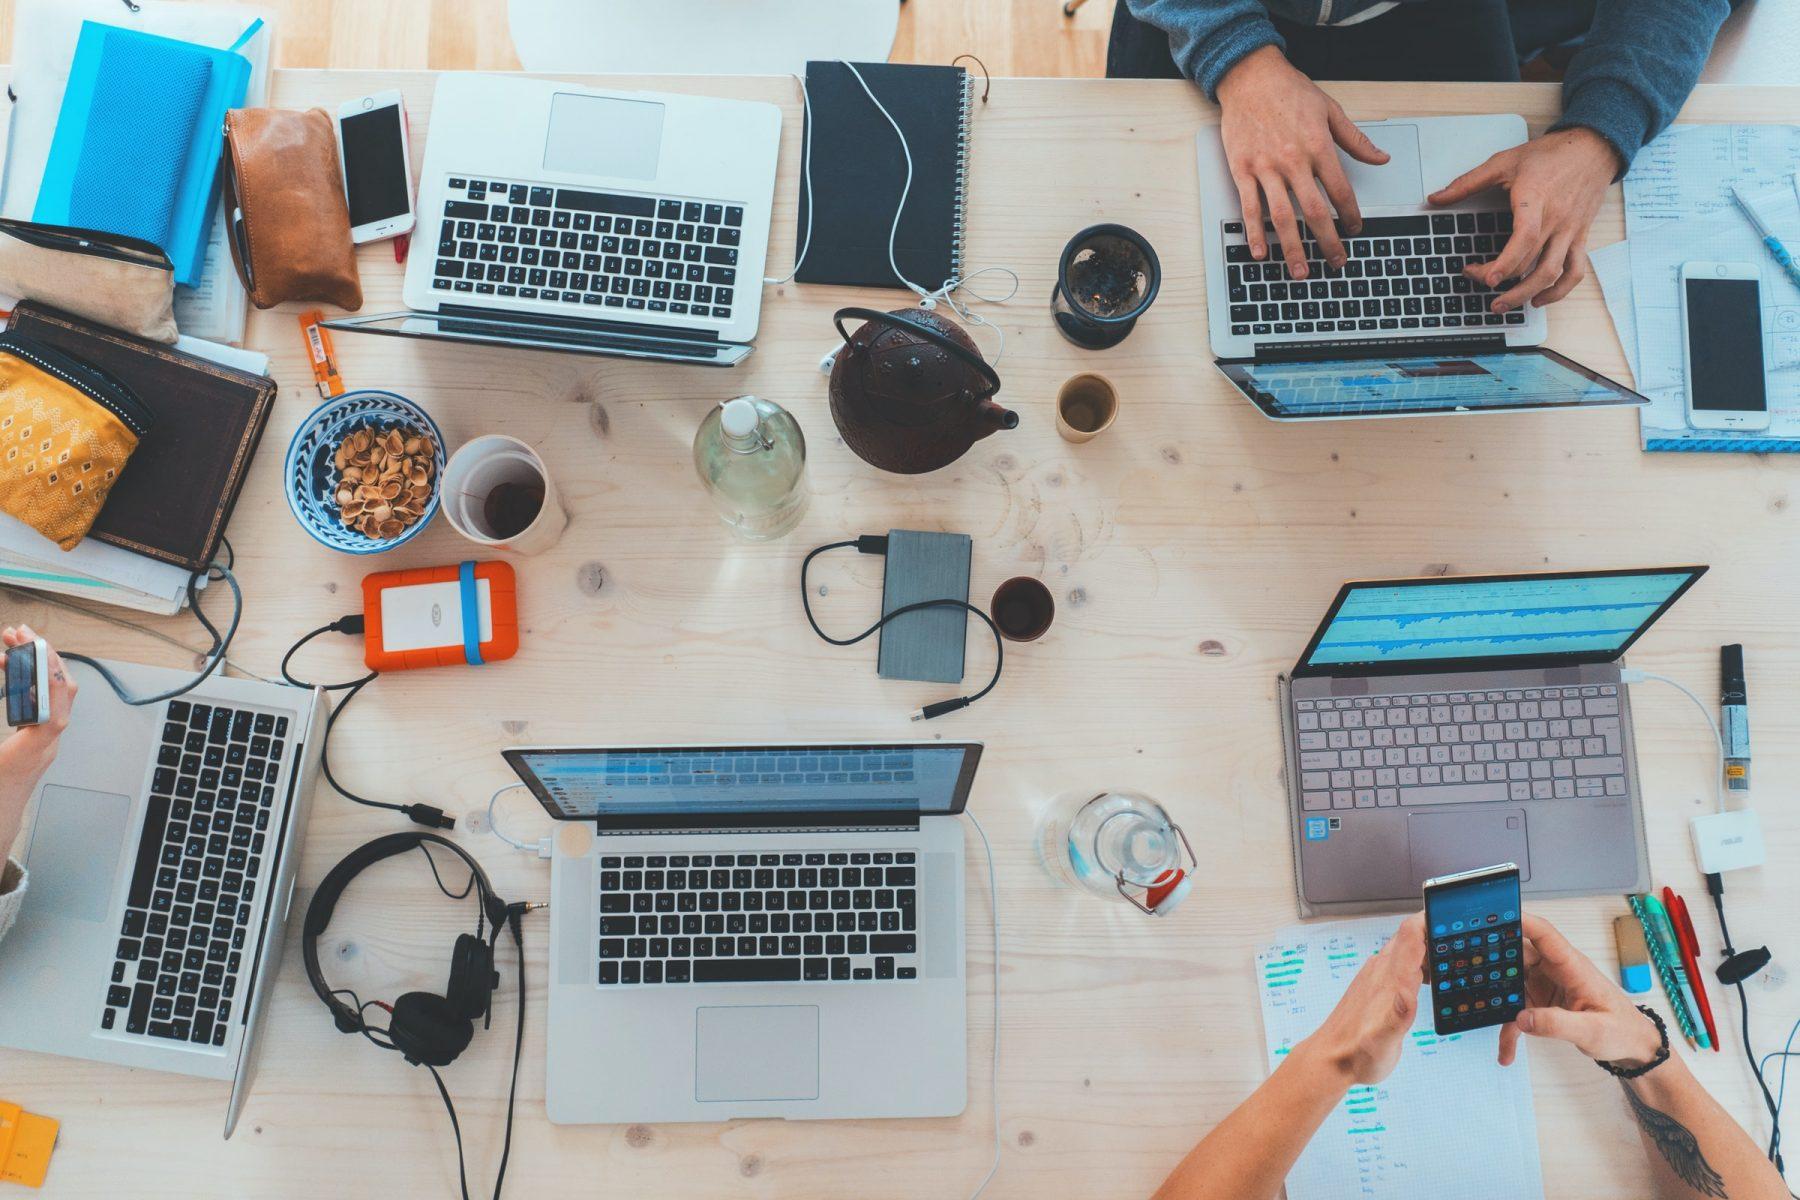 Las ventajas del reclutamiento colaborativo: cuando los compañeros participan en el proceso de selección